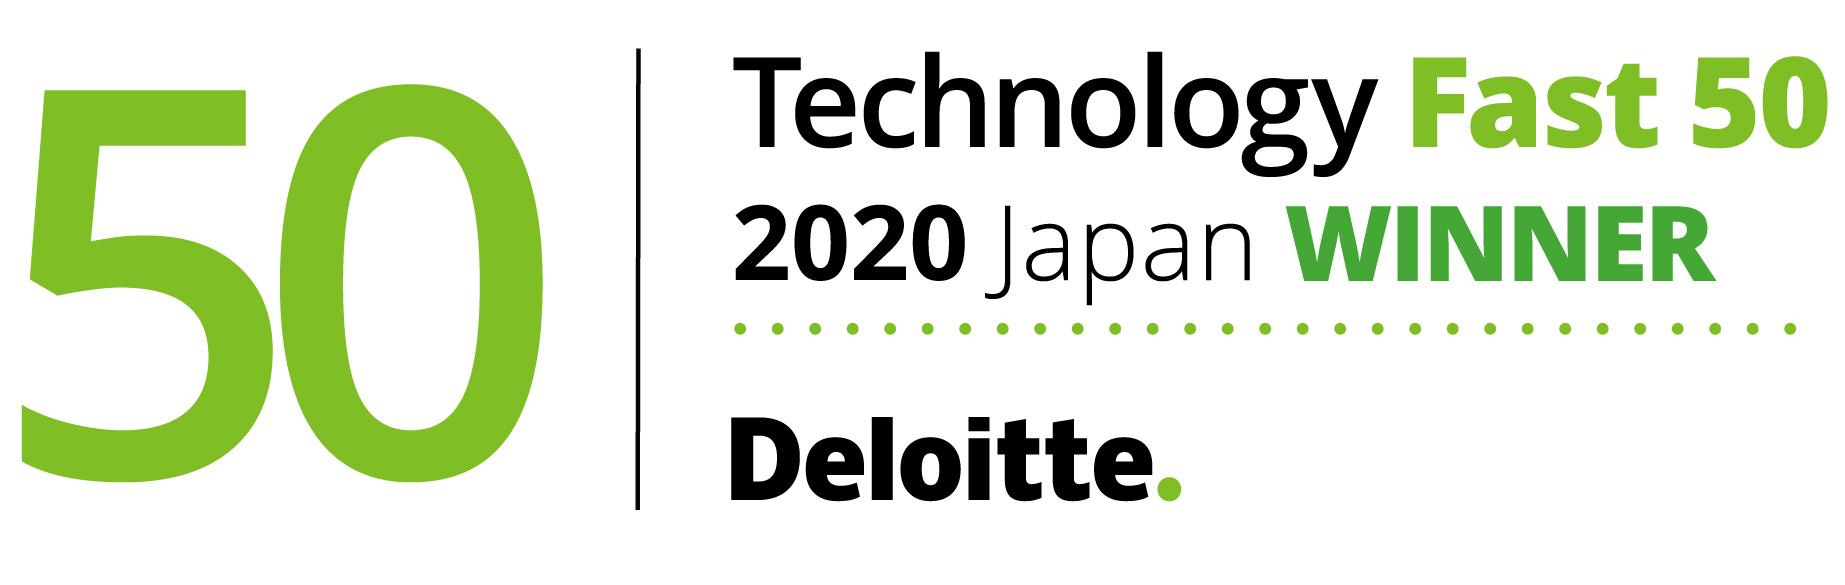 サーバーワークス、収益に基づく成長率のランキング「2020年日本テクノロジーFast 50」で23位を受賞